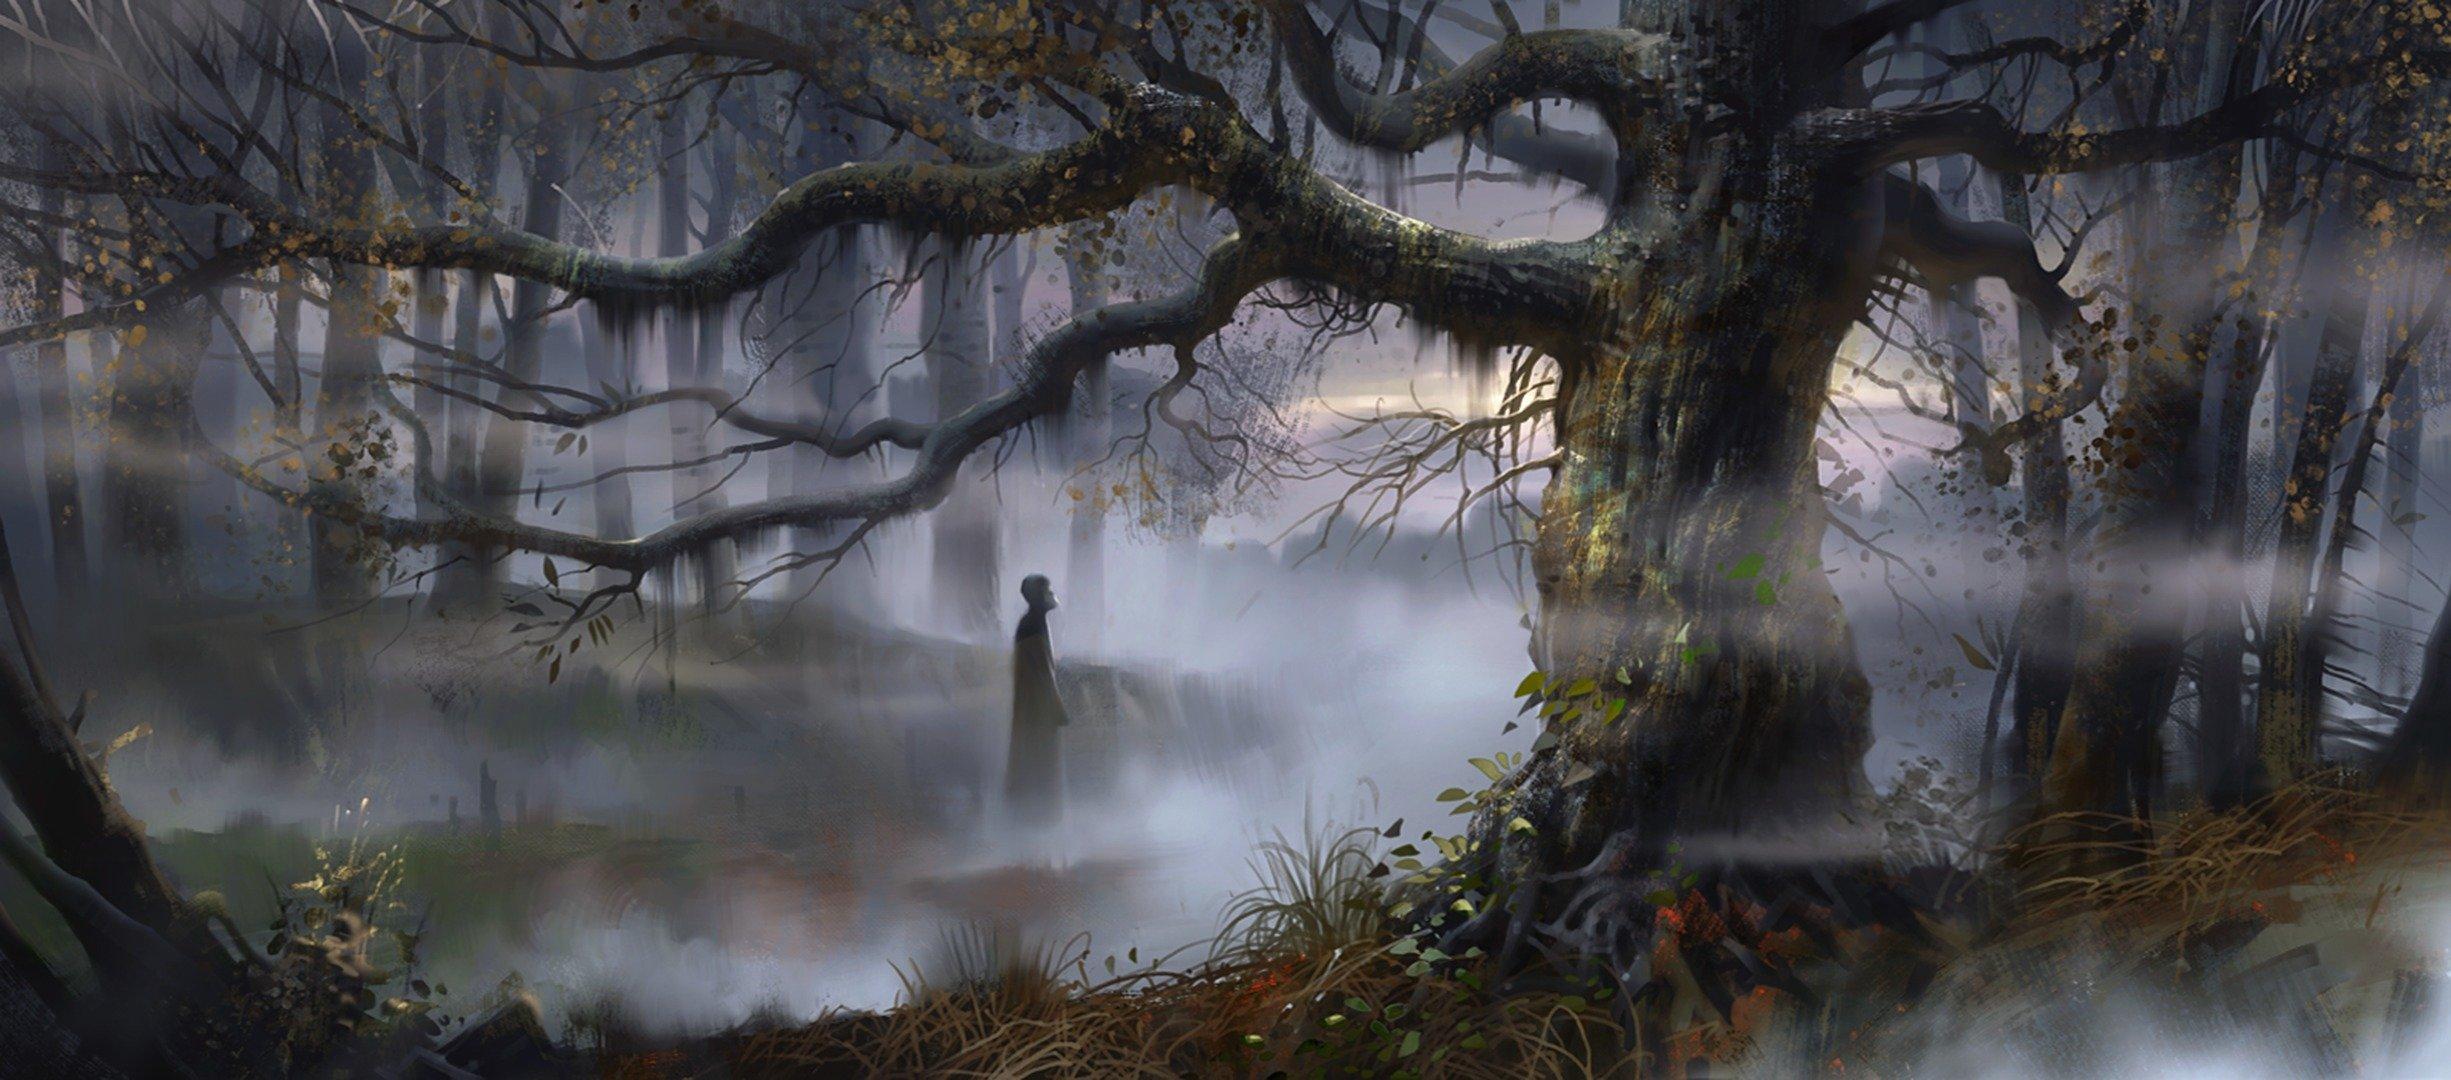 Дед в тумане  № 1842983 загрузить